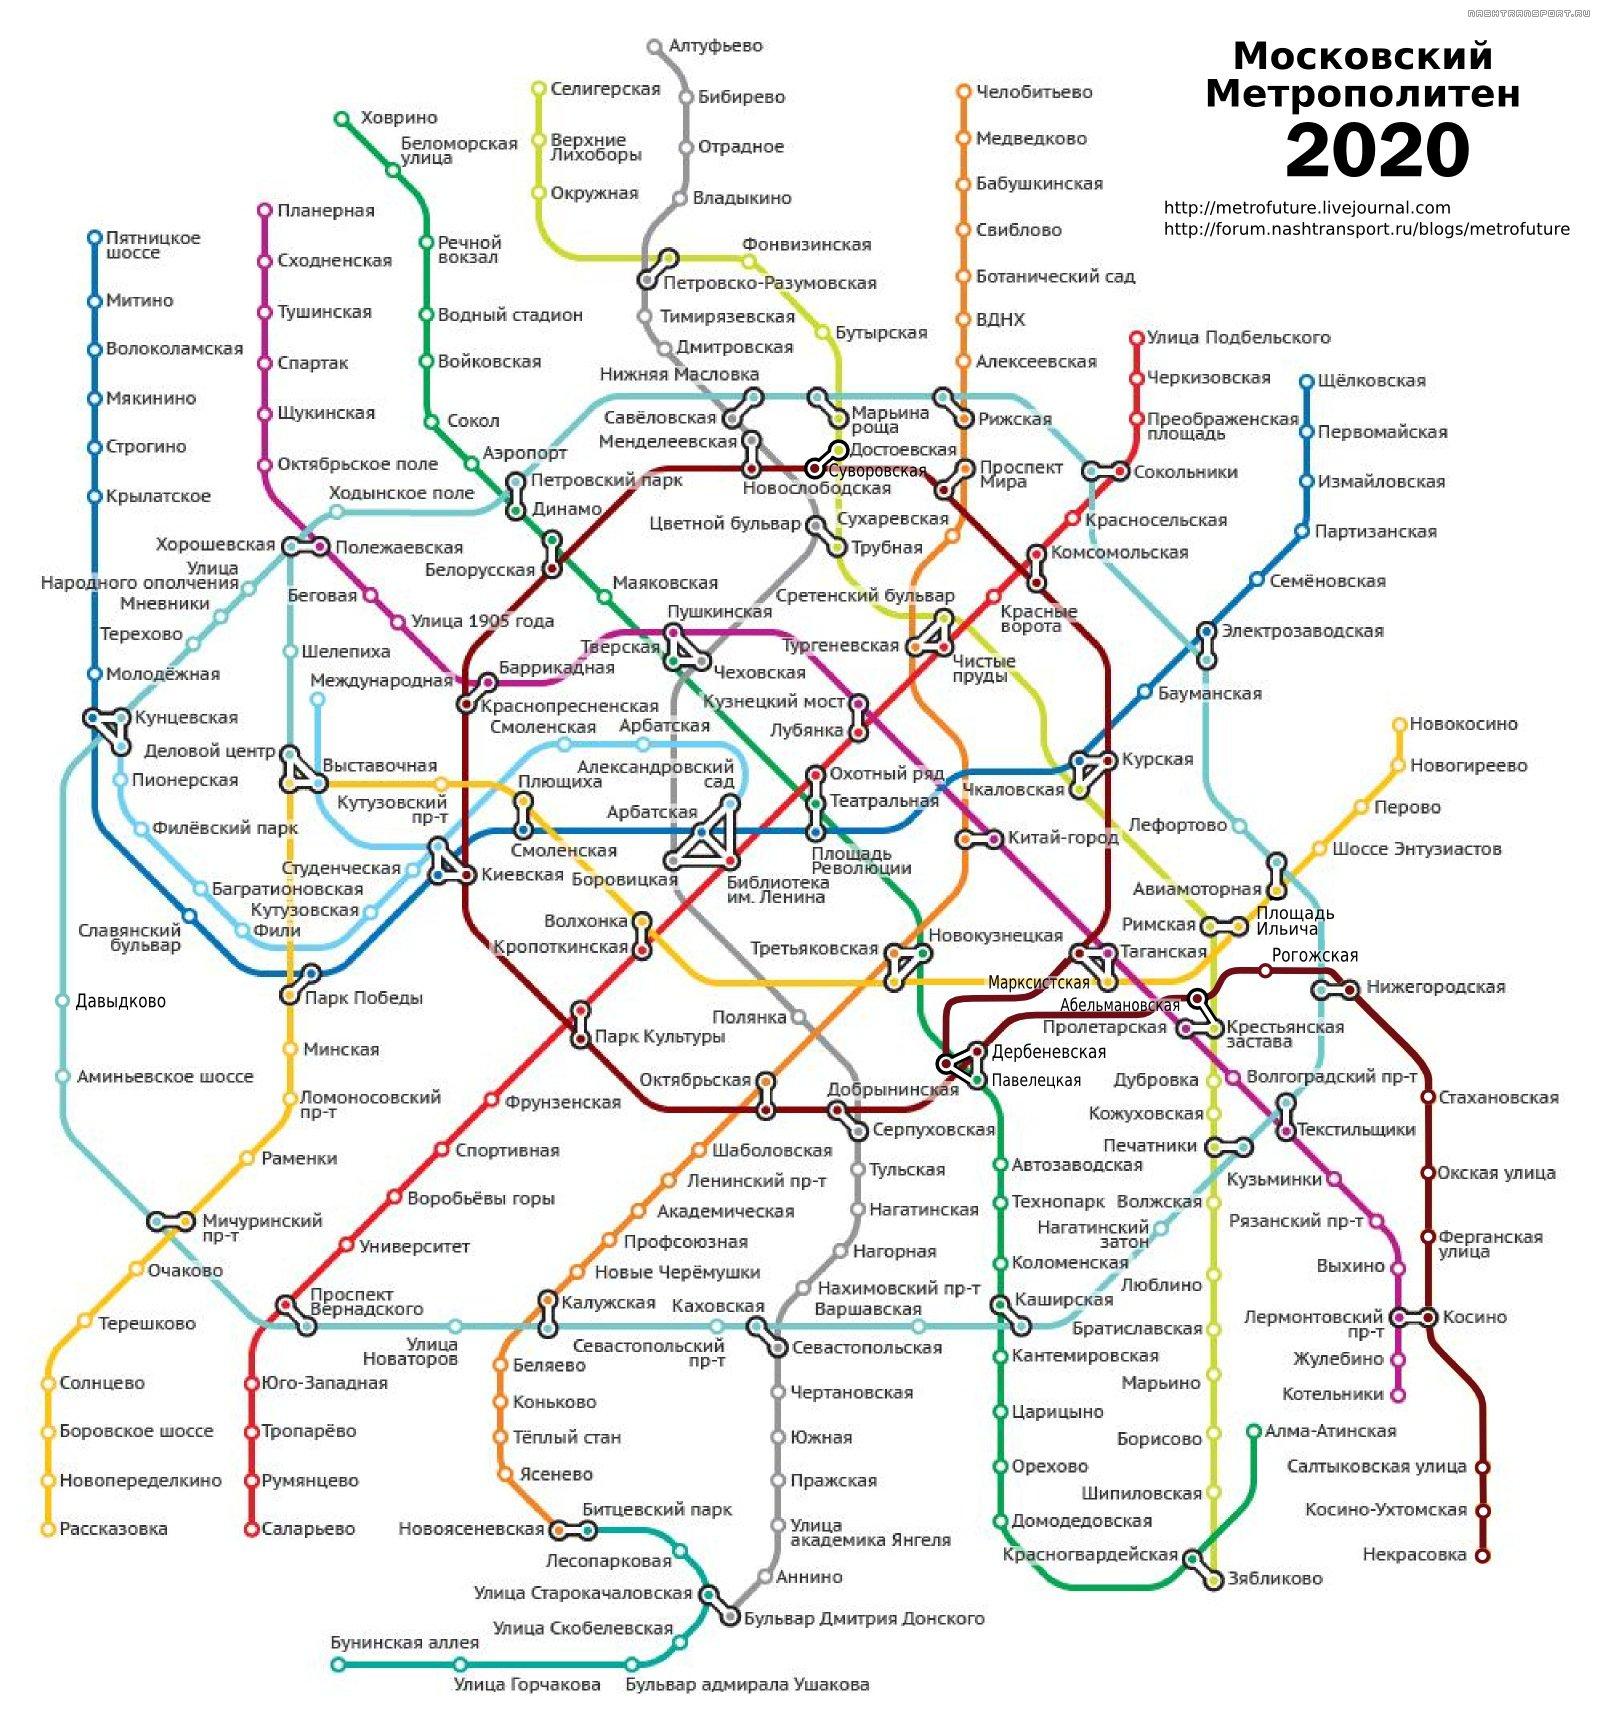 схема кожуховской линии метрополитена некрасовка